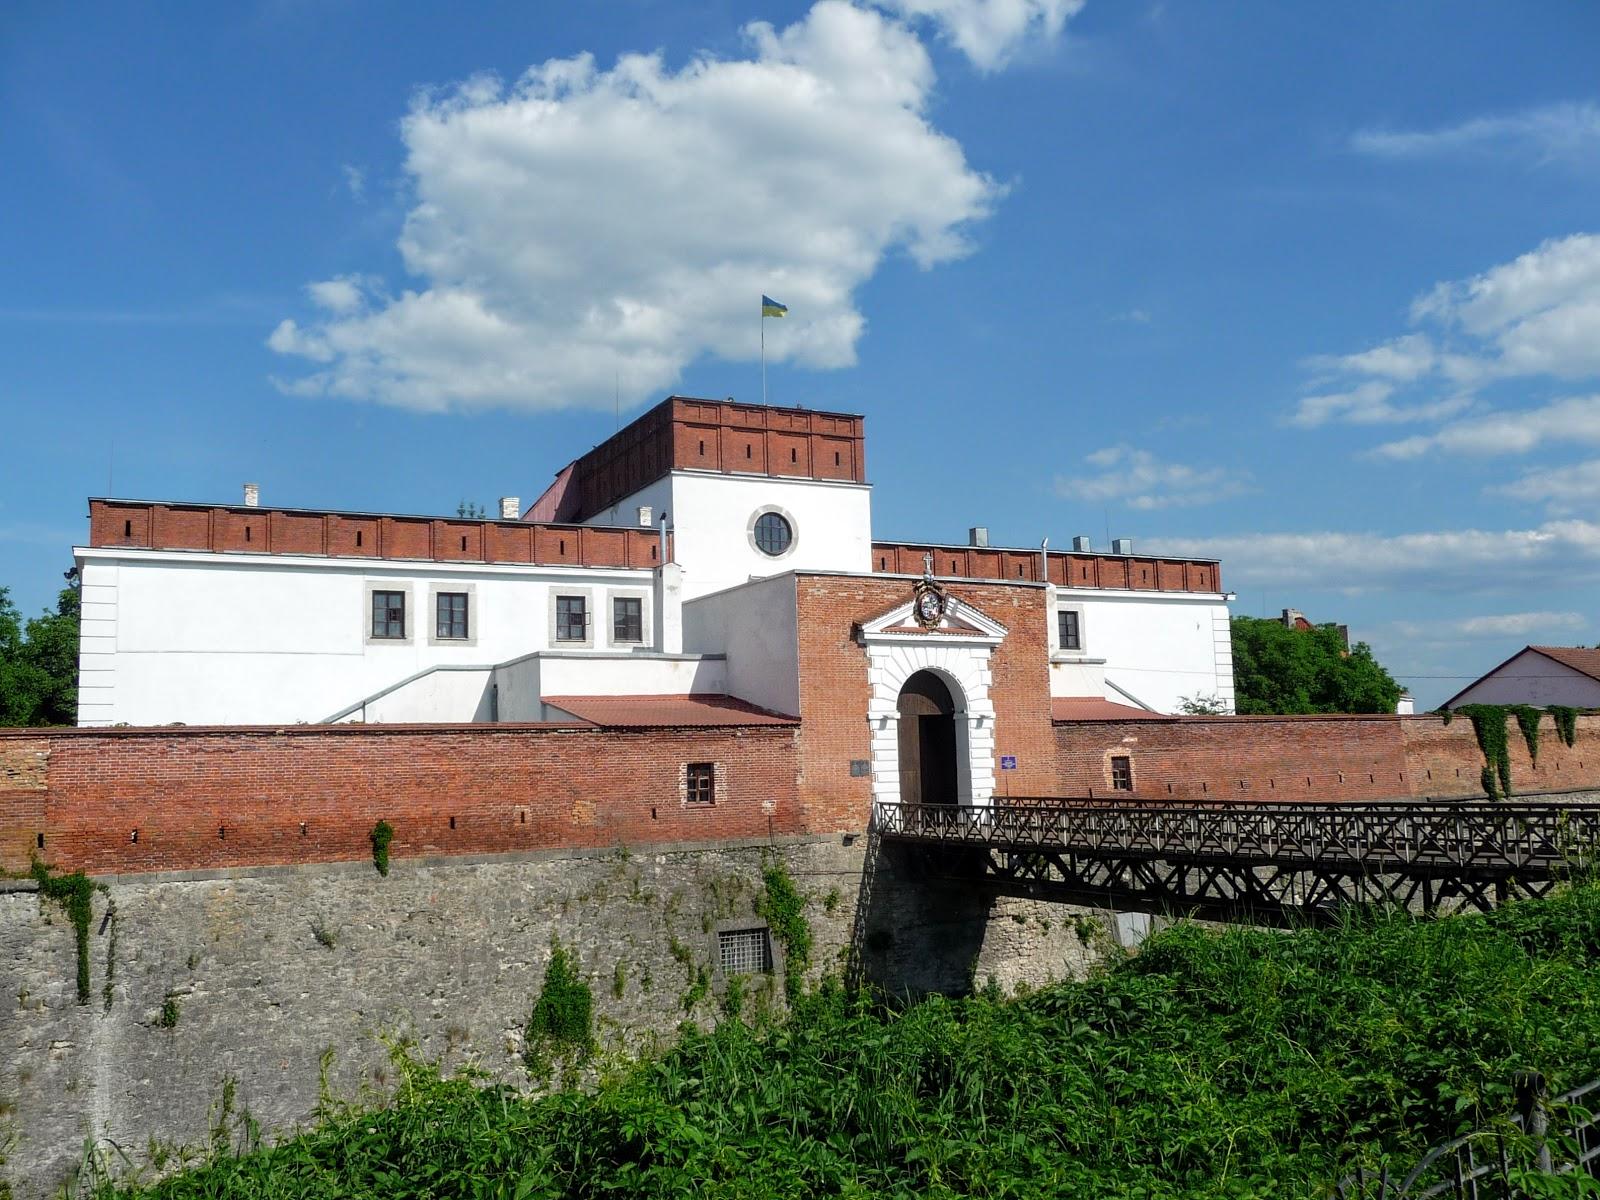 Впечатления от путешествий: Дубенский замок. Неприступная крепость ...